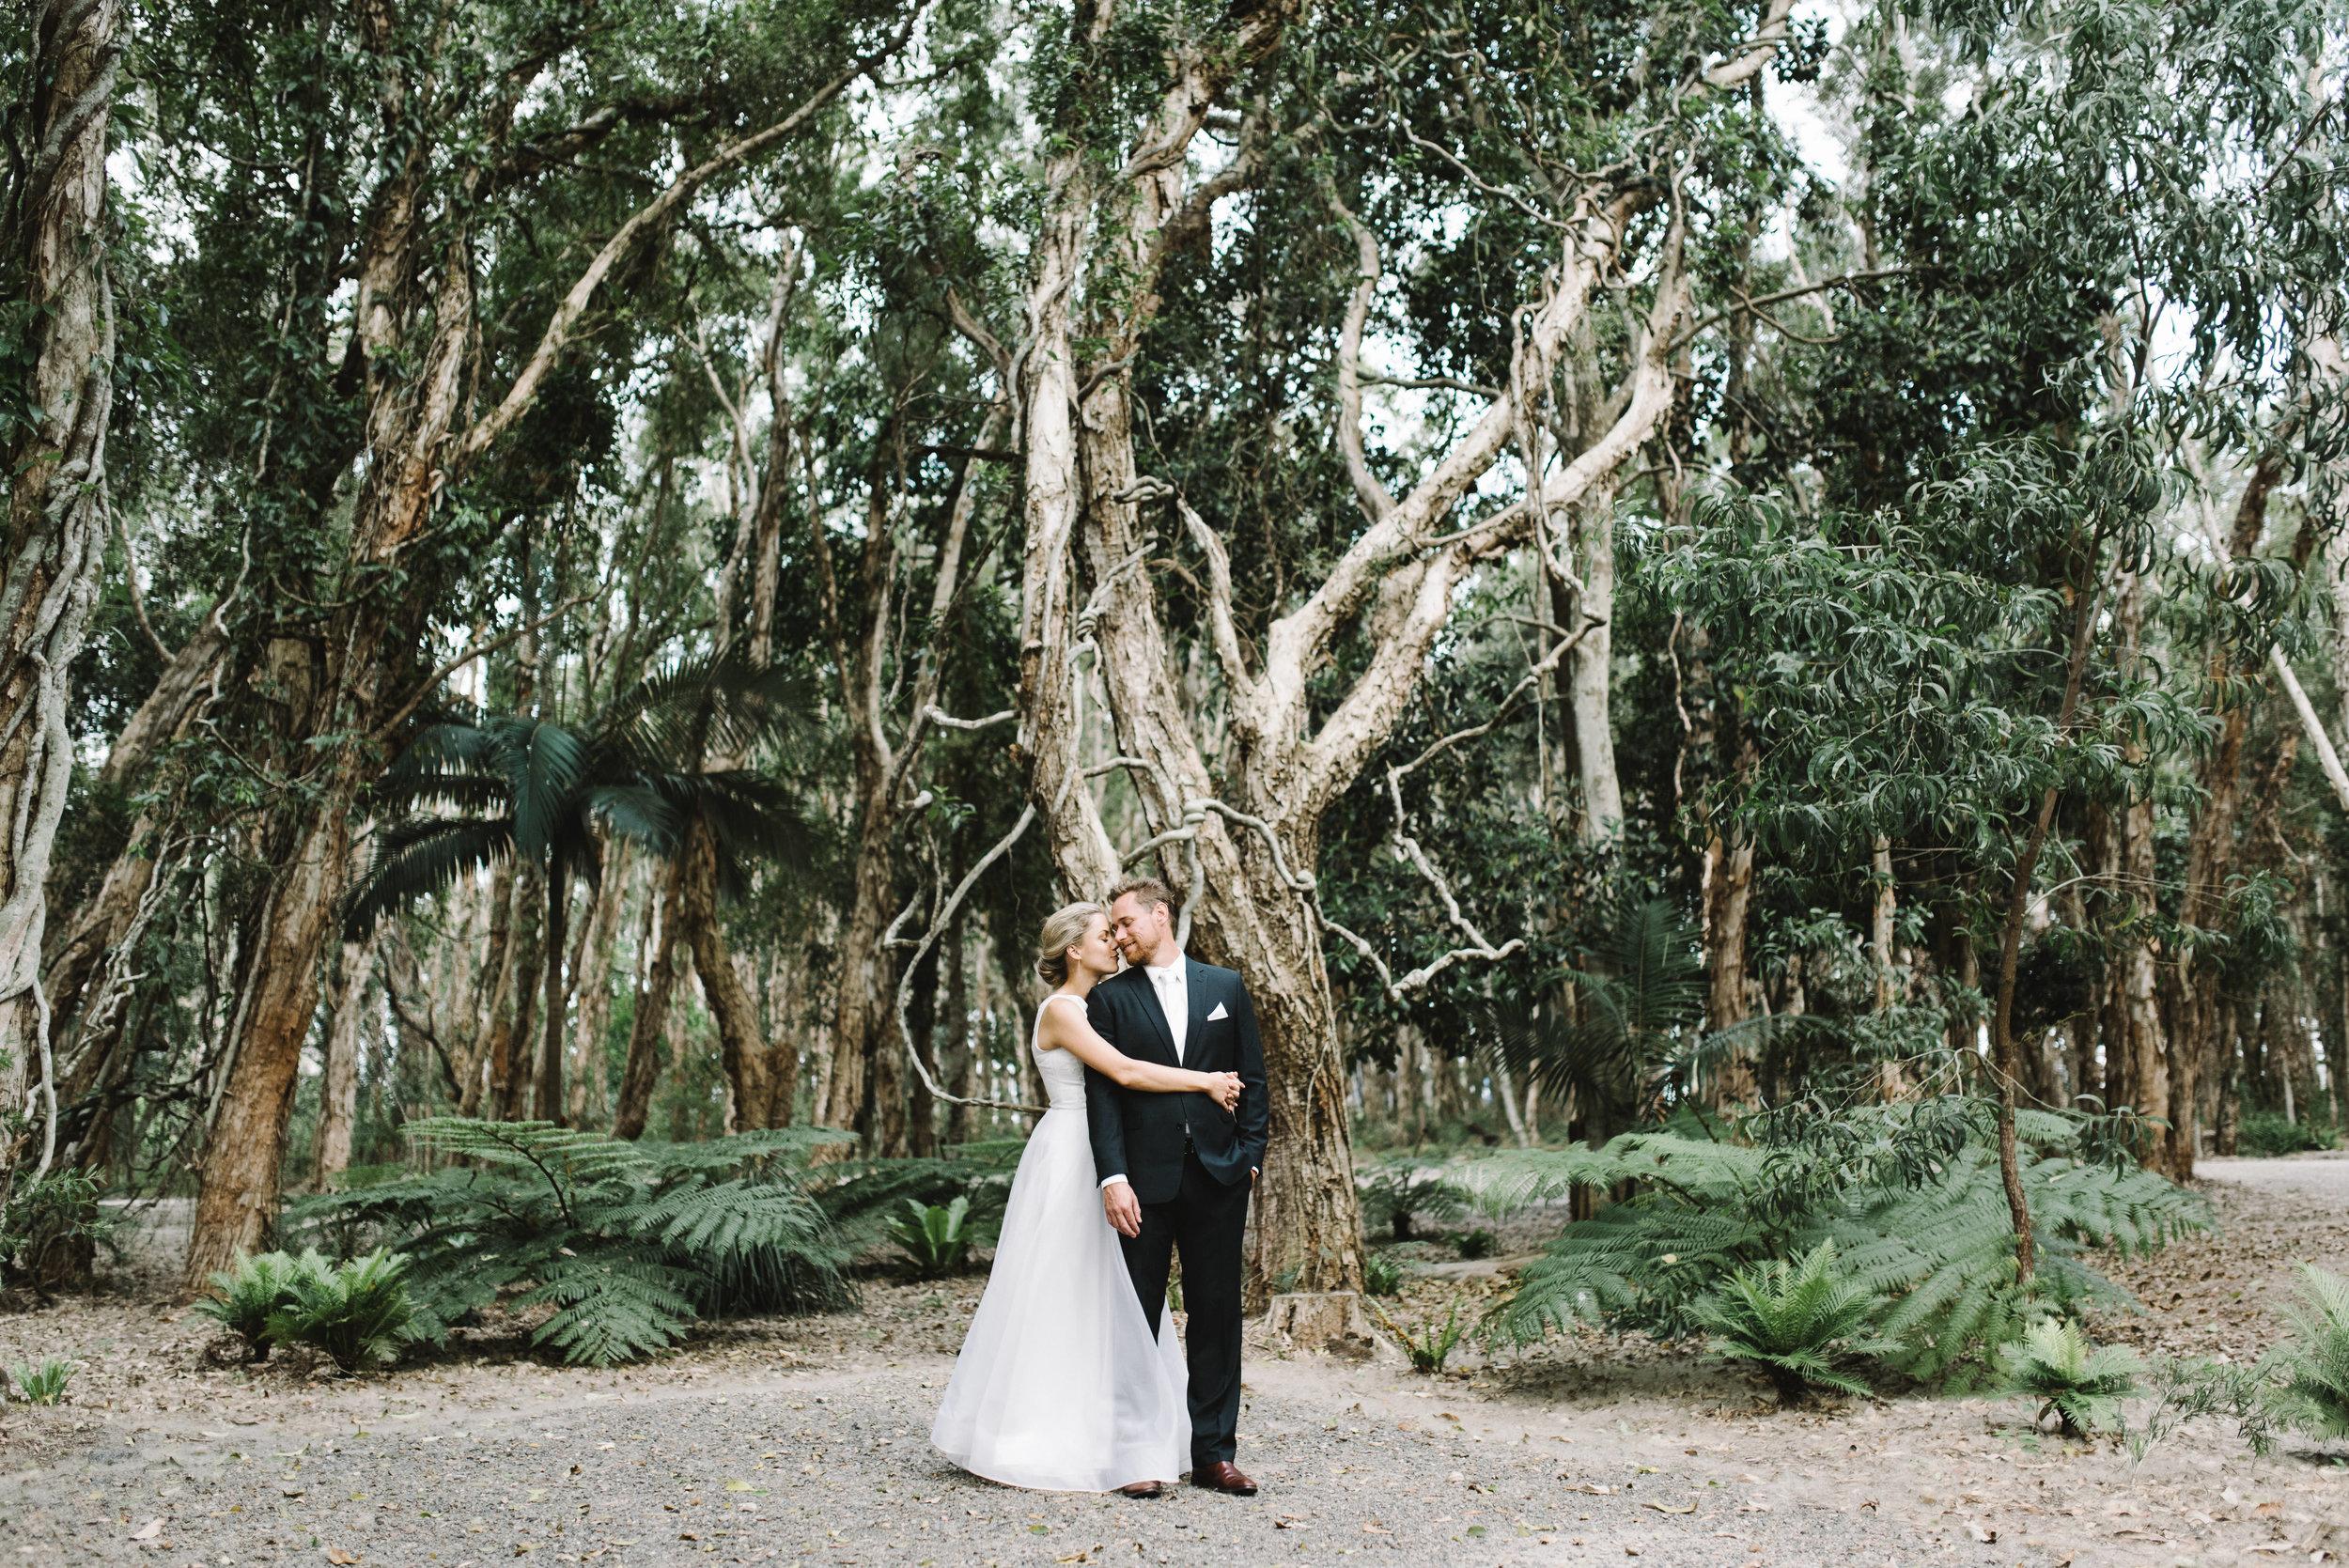 wedding-photography-brisbane-sandstone-point-hotel-bribie-island-luxewedding-37.jpg